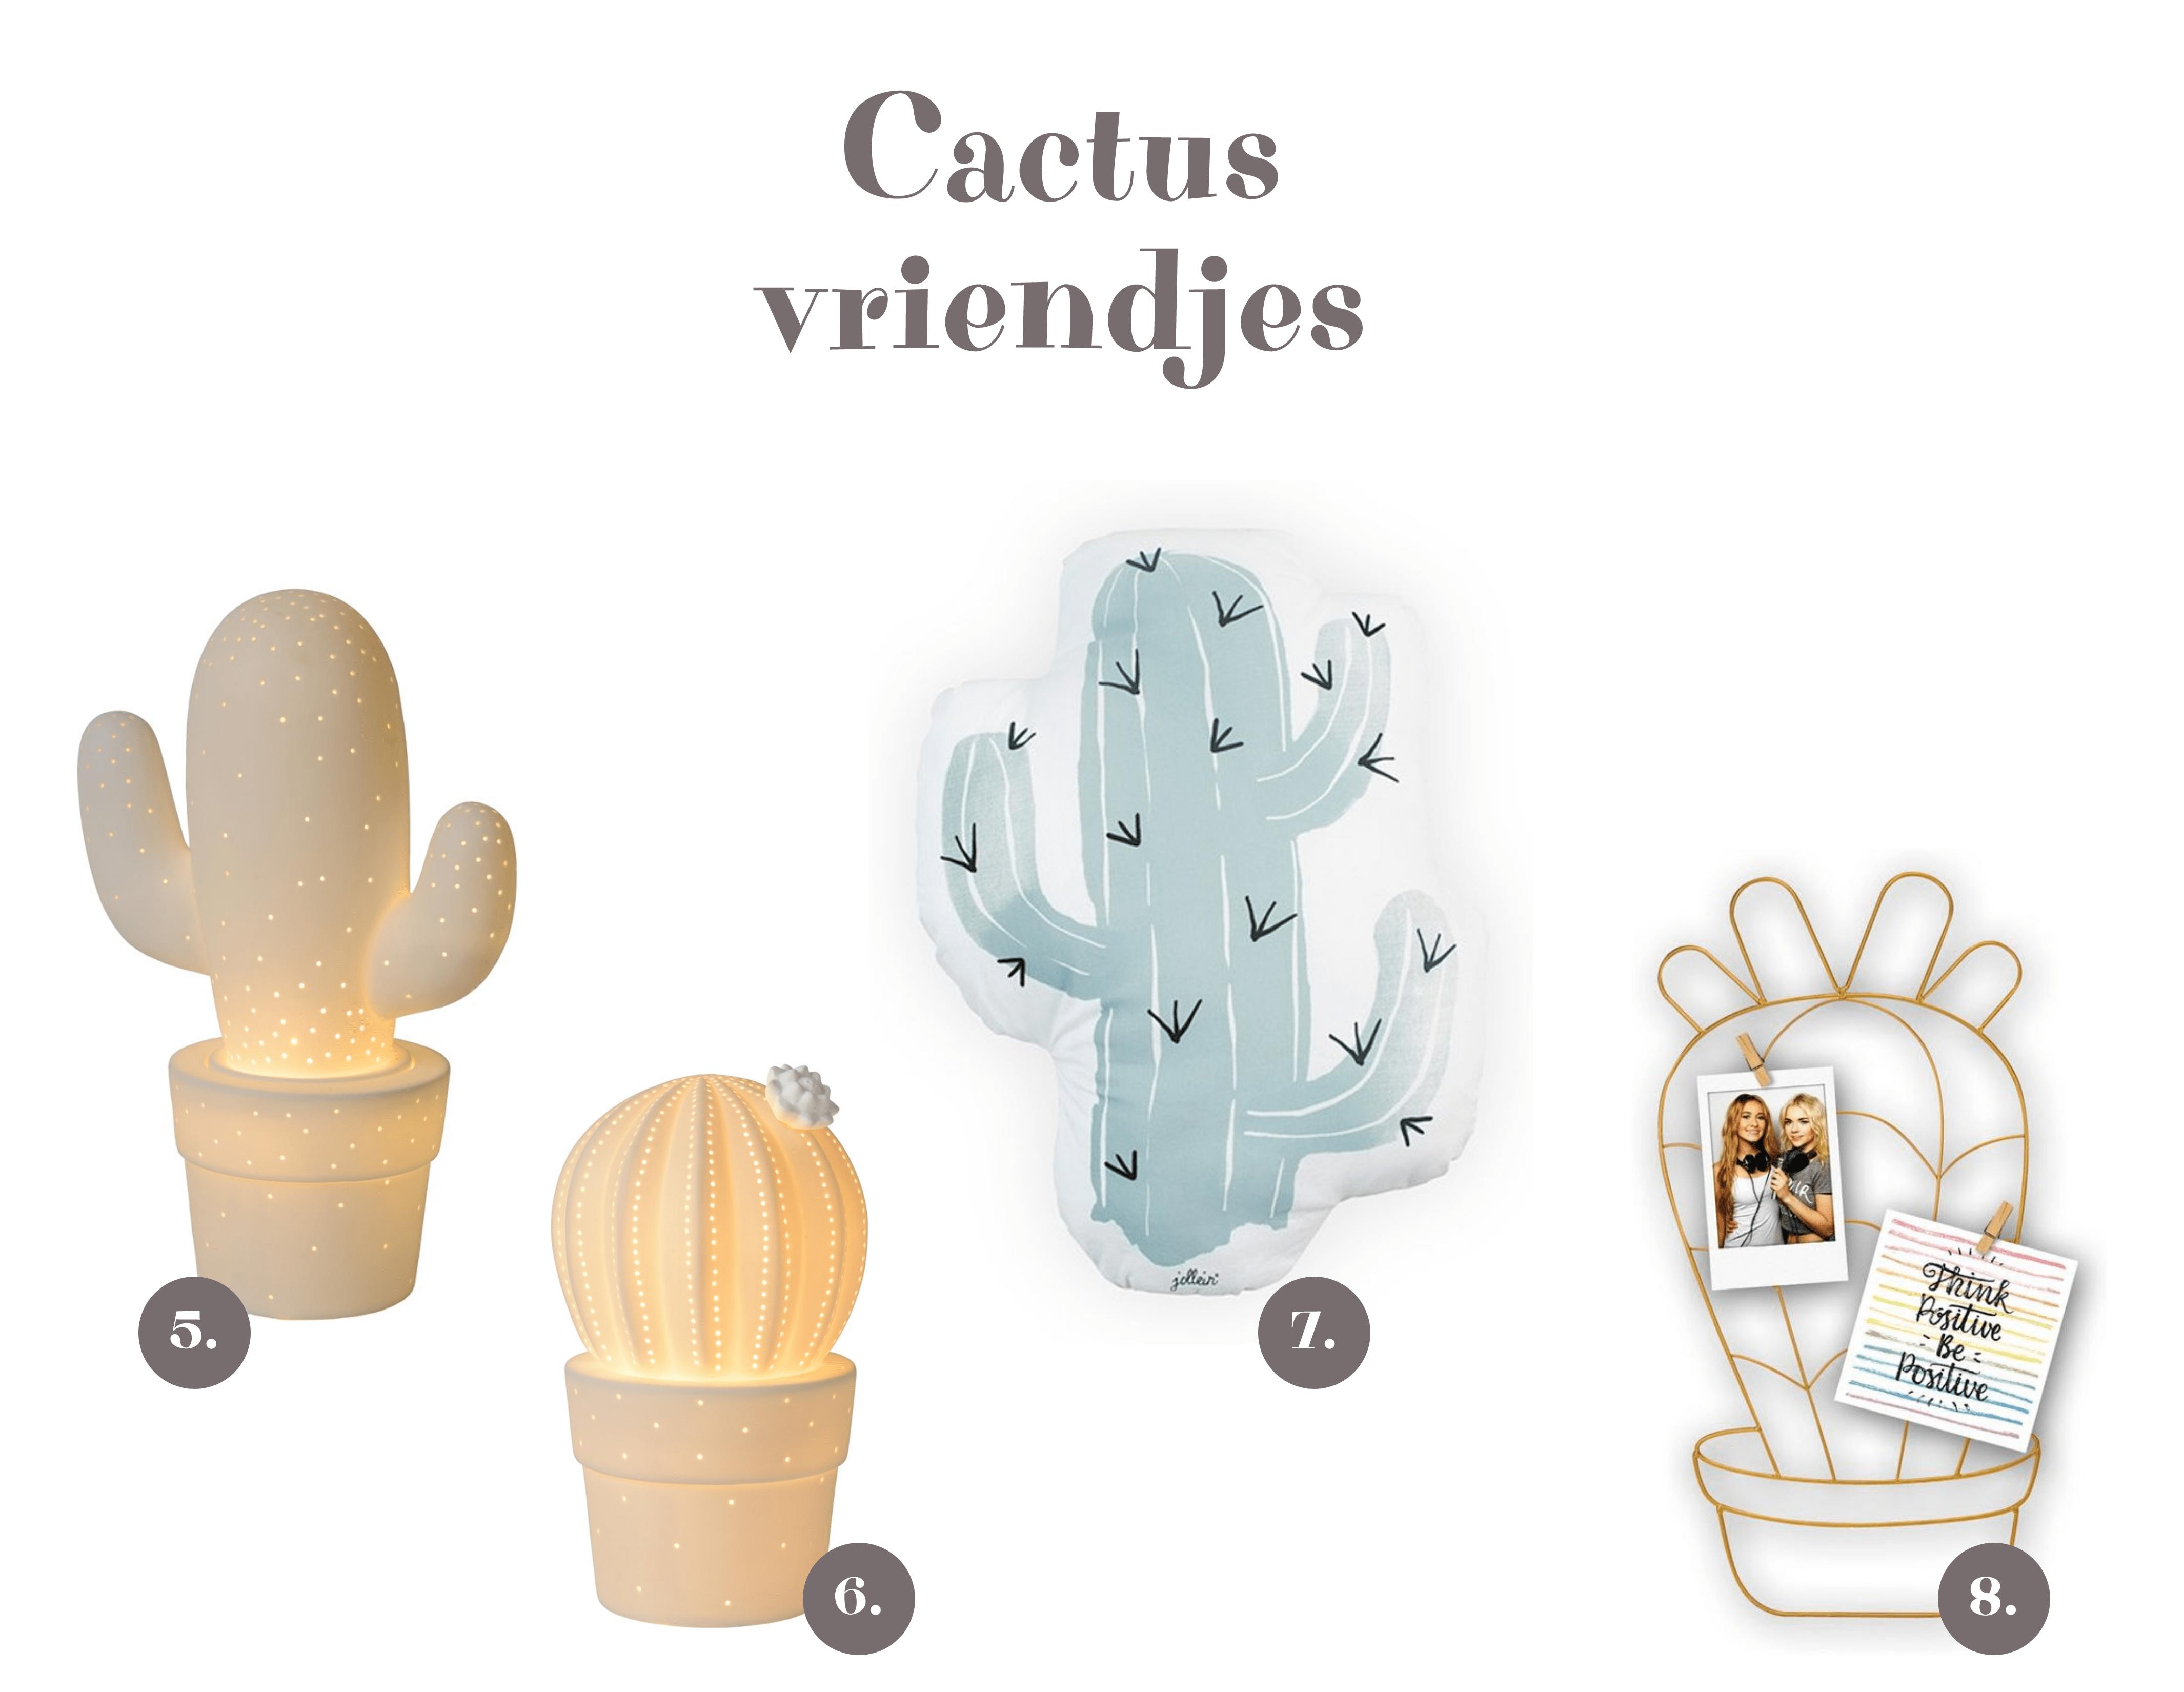 Cactus vriendjes